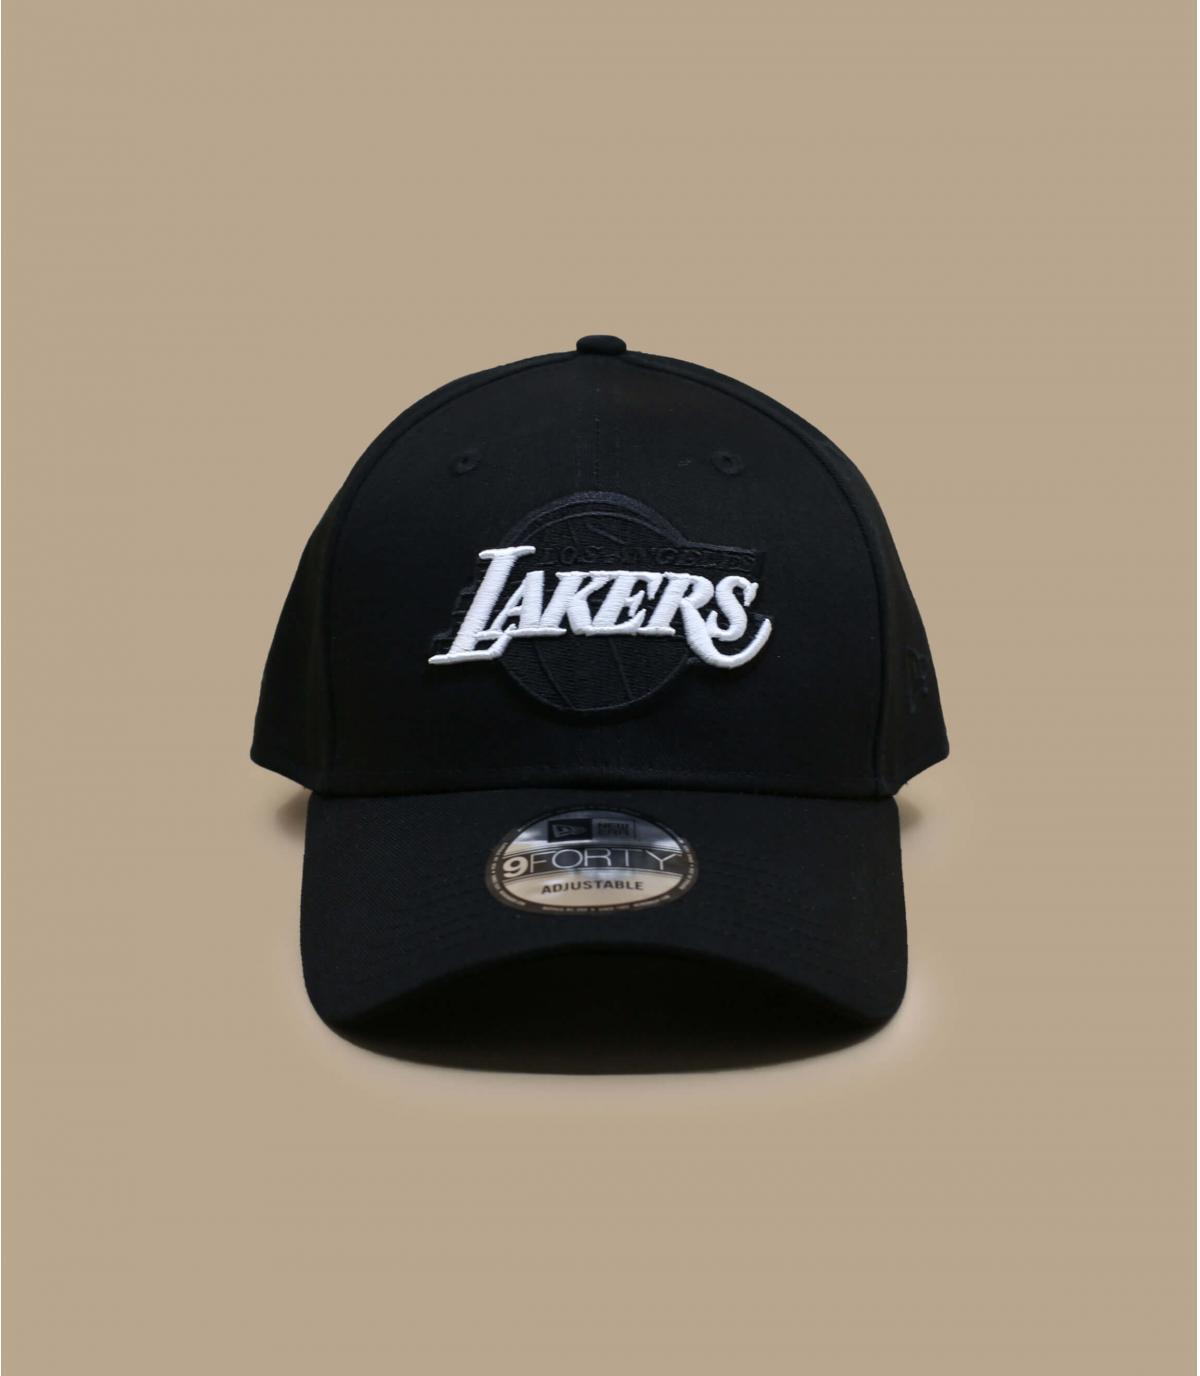 Détails Casquette Black Base Lakers 940 Snapback - image 2